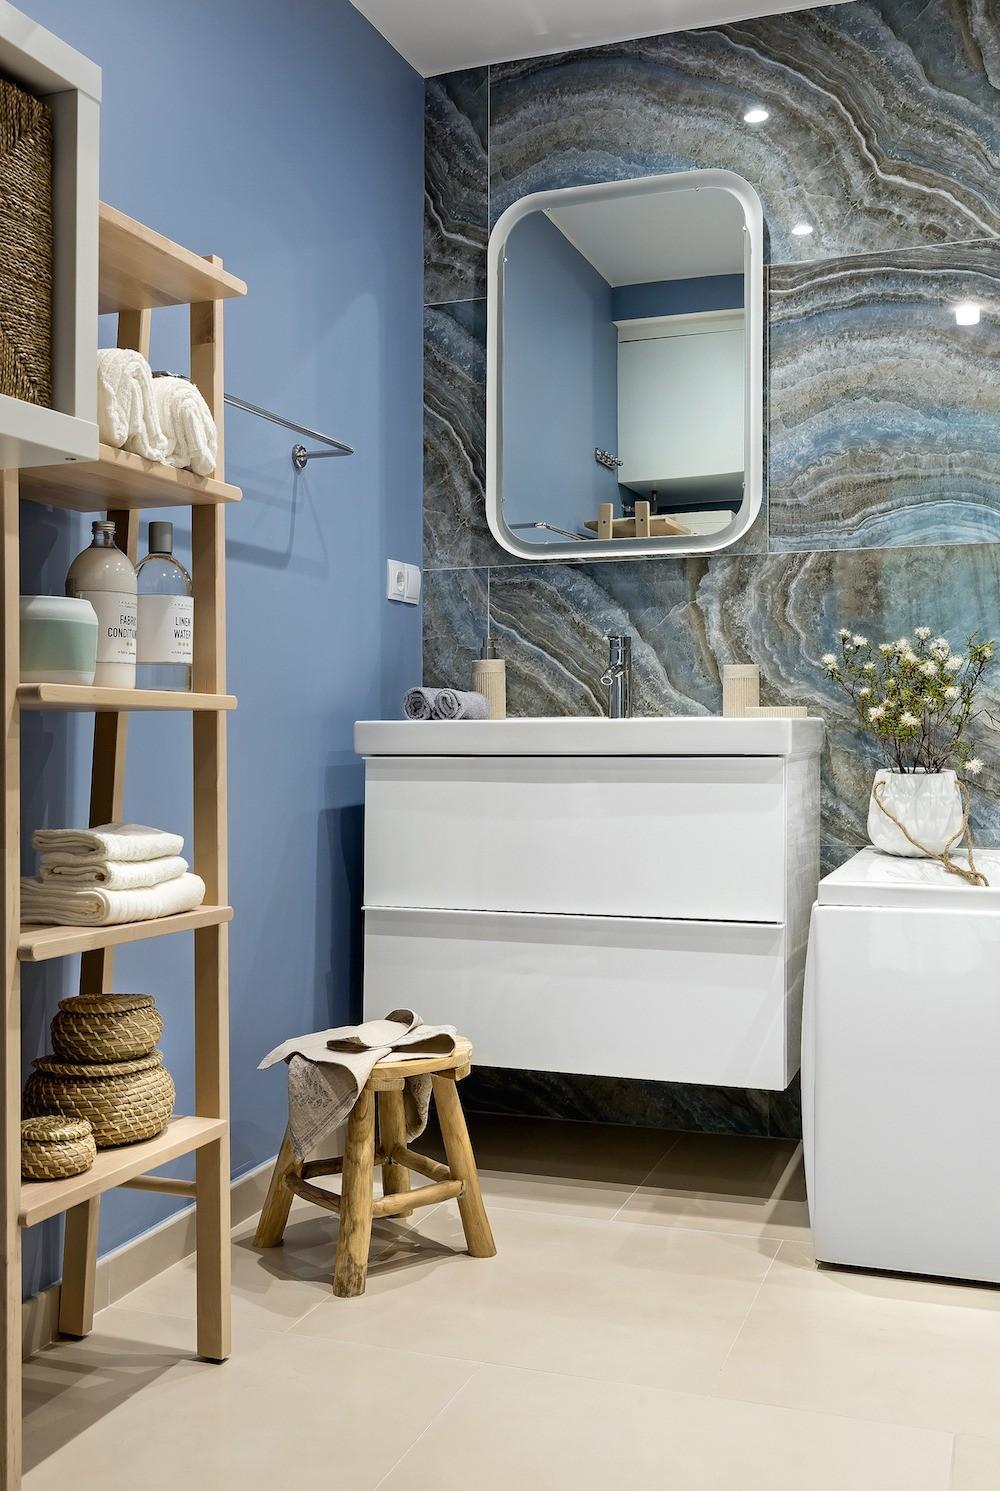 Стены ванной окрашены в голубой цвет, выгодно подчеркнувший отделку стены взоне умывальника красивой плиткой с великолепной текстурой под природный камень